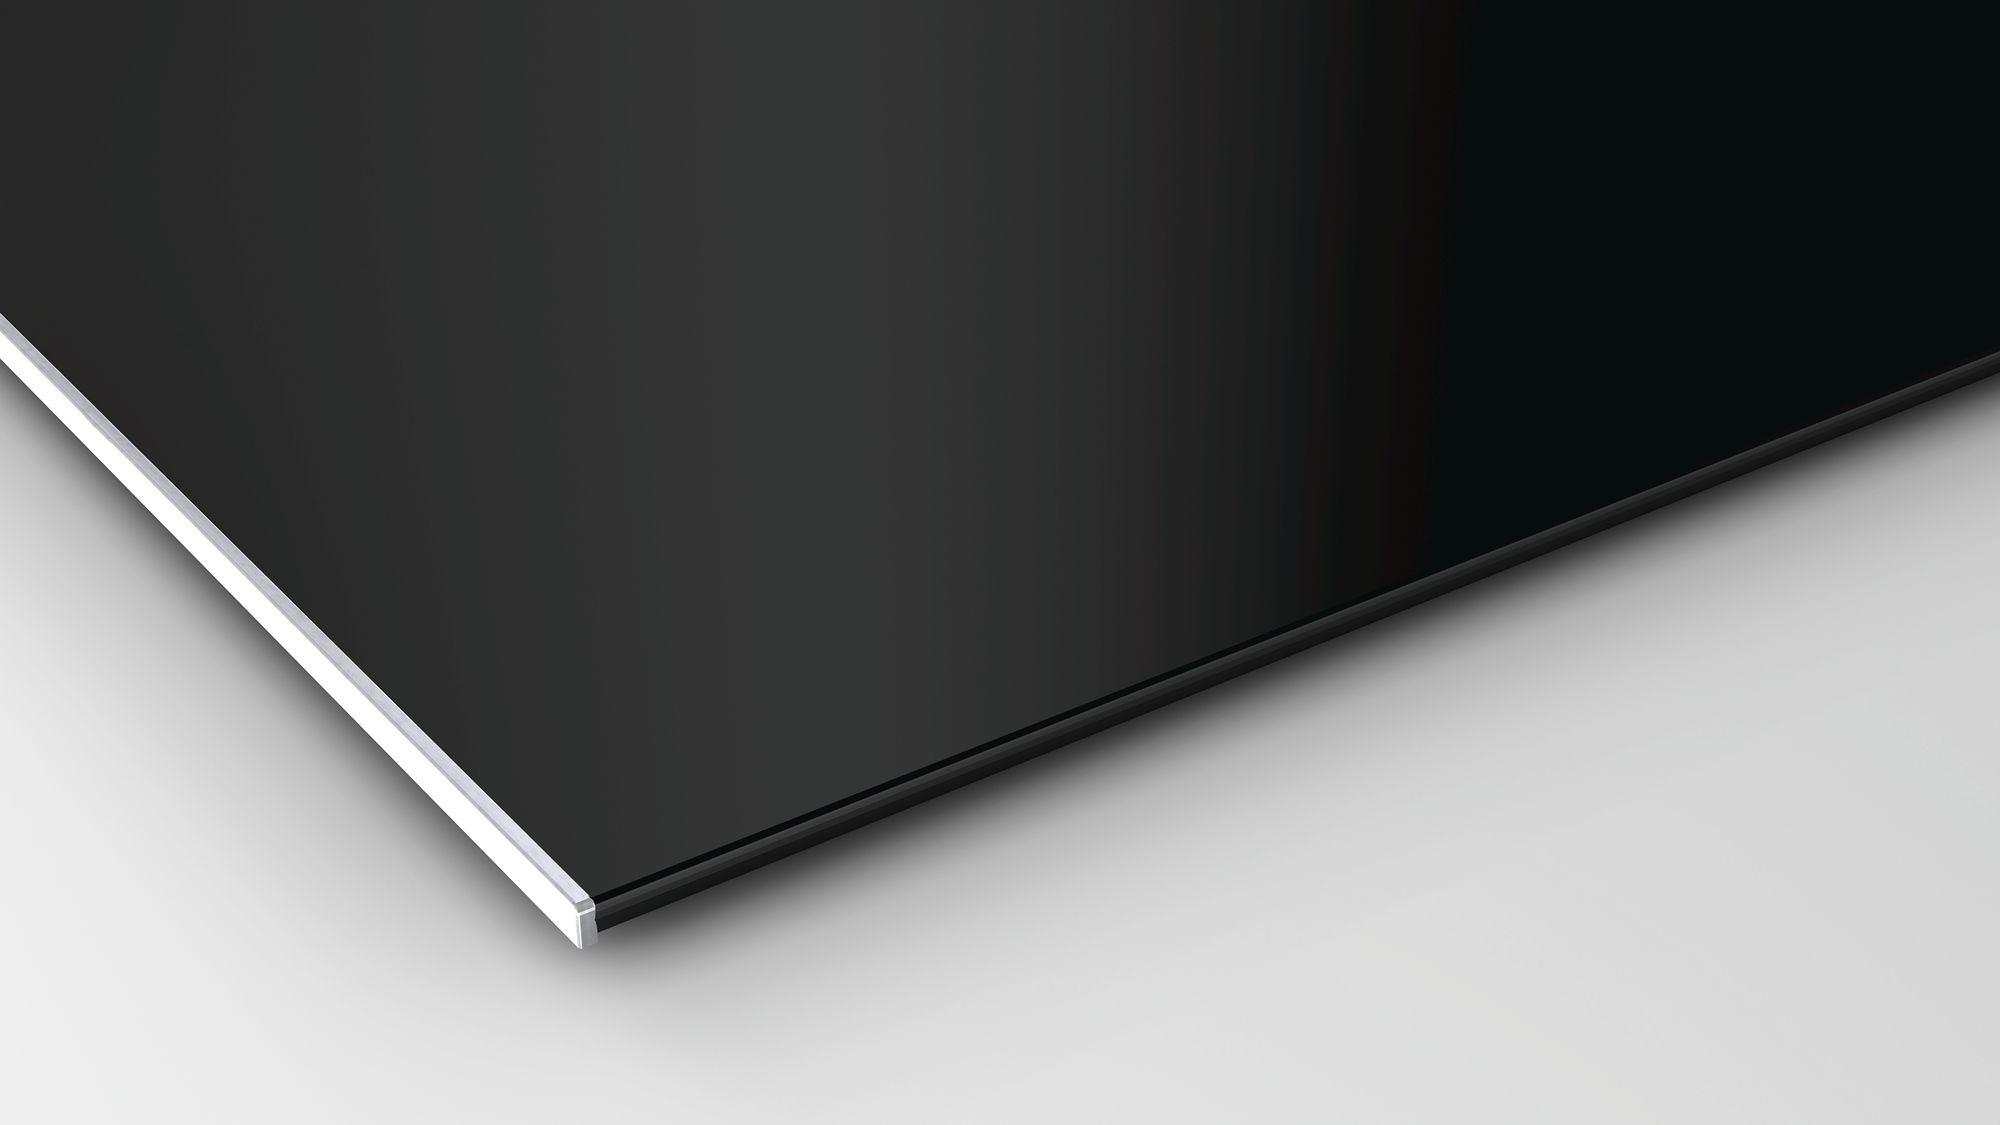 siemens ex975kxw1e autarkes induktions kochfeld glaskeramik 90 cm breit sensor tasten von. Black Bedroom Furniture Sets. Home Design Ideas